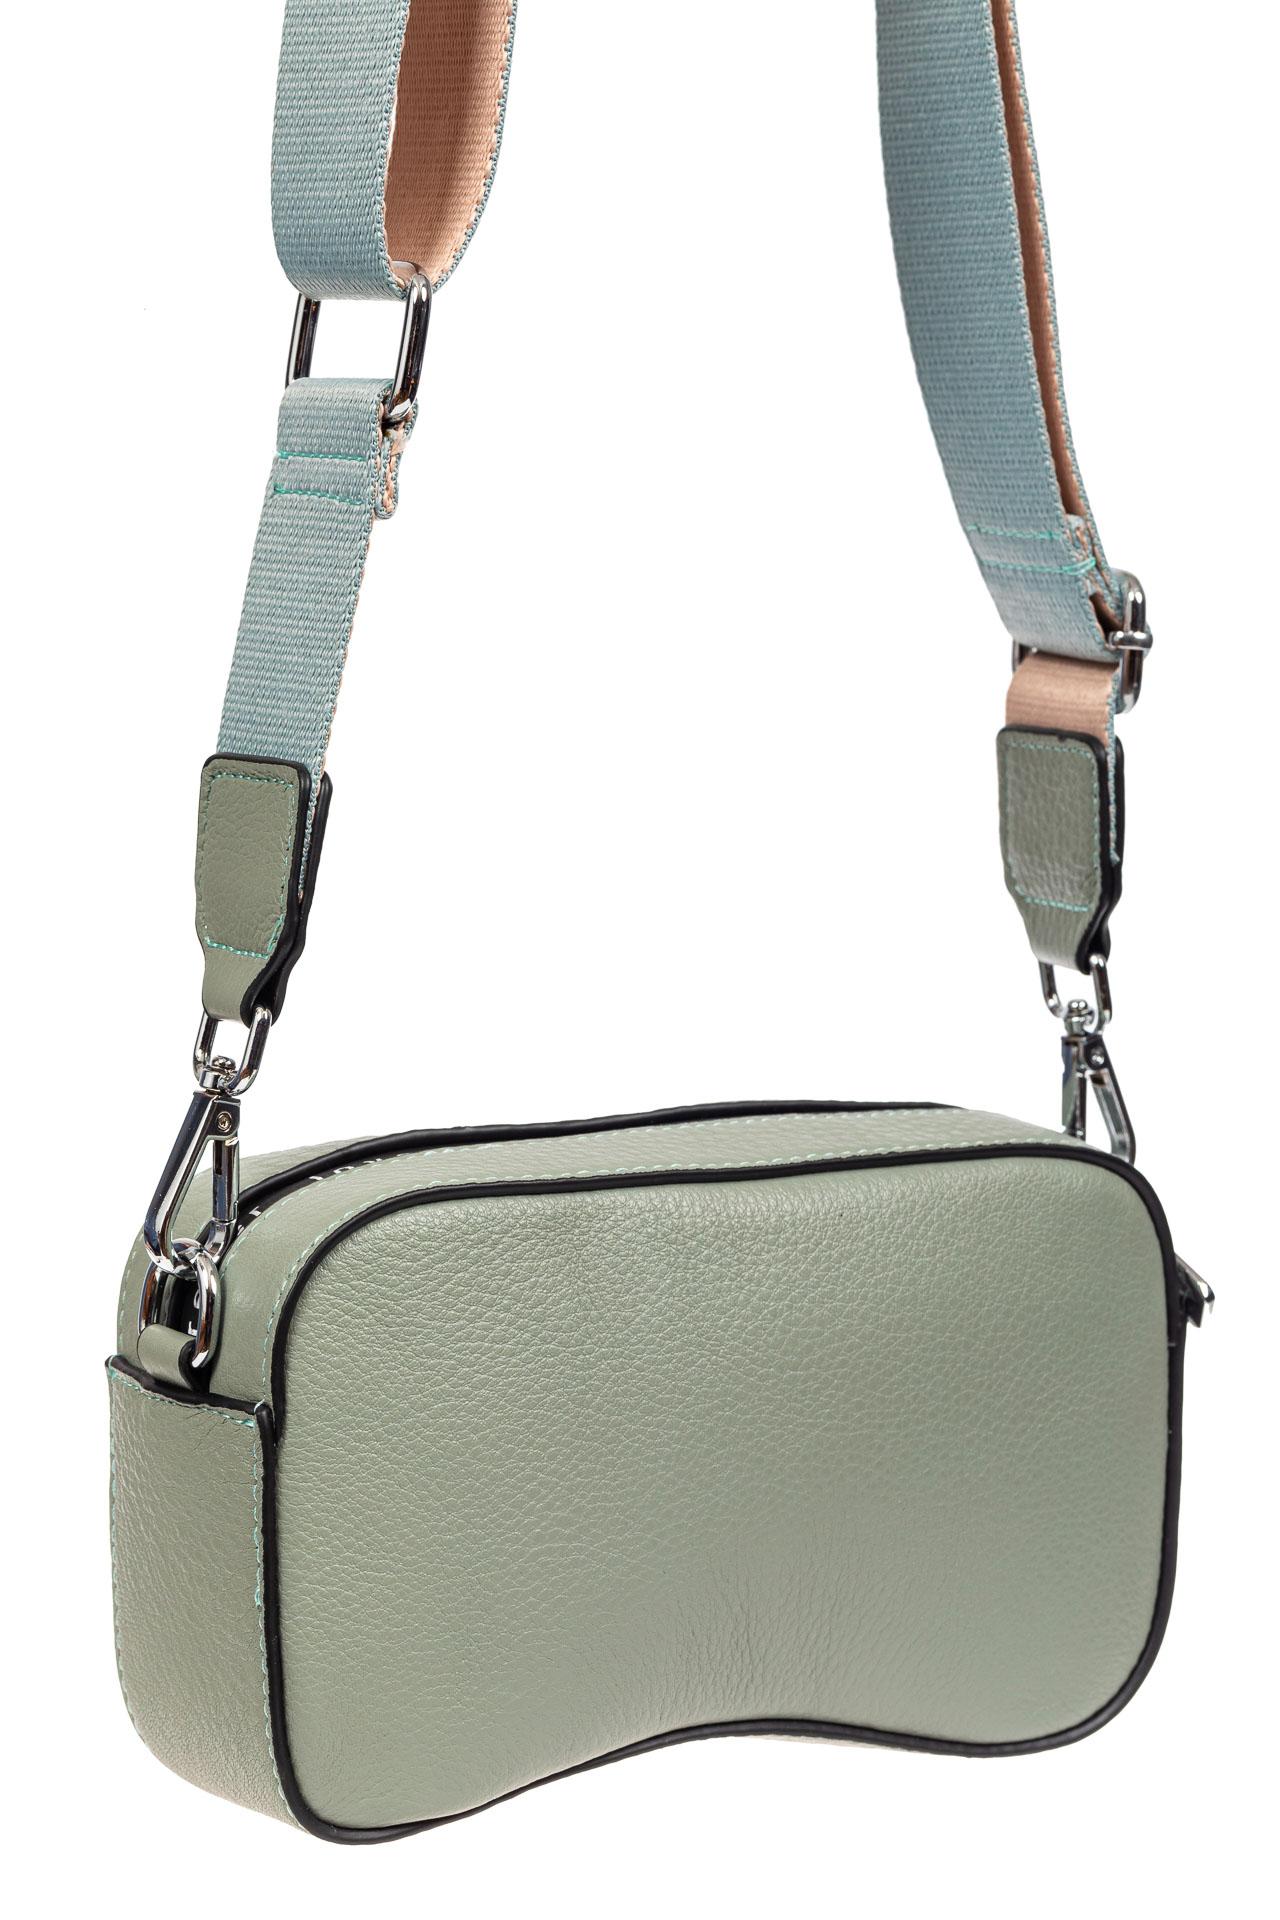 Маленькая наплечная сумка из кожи, цвет серо-голубой9026NK0420/11